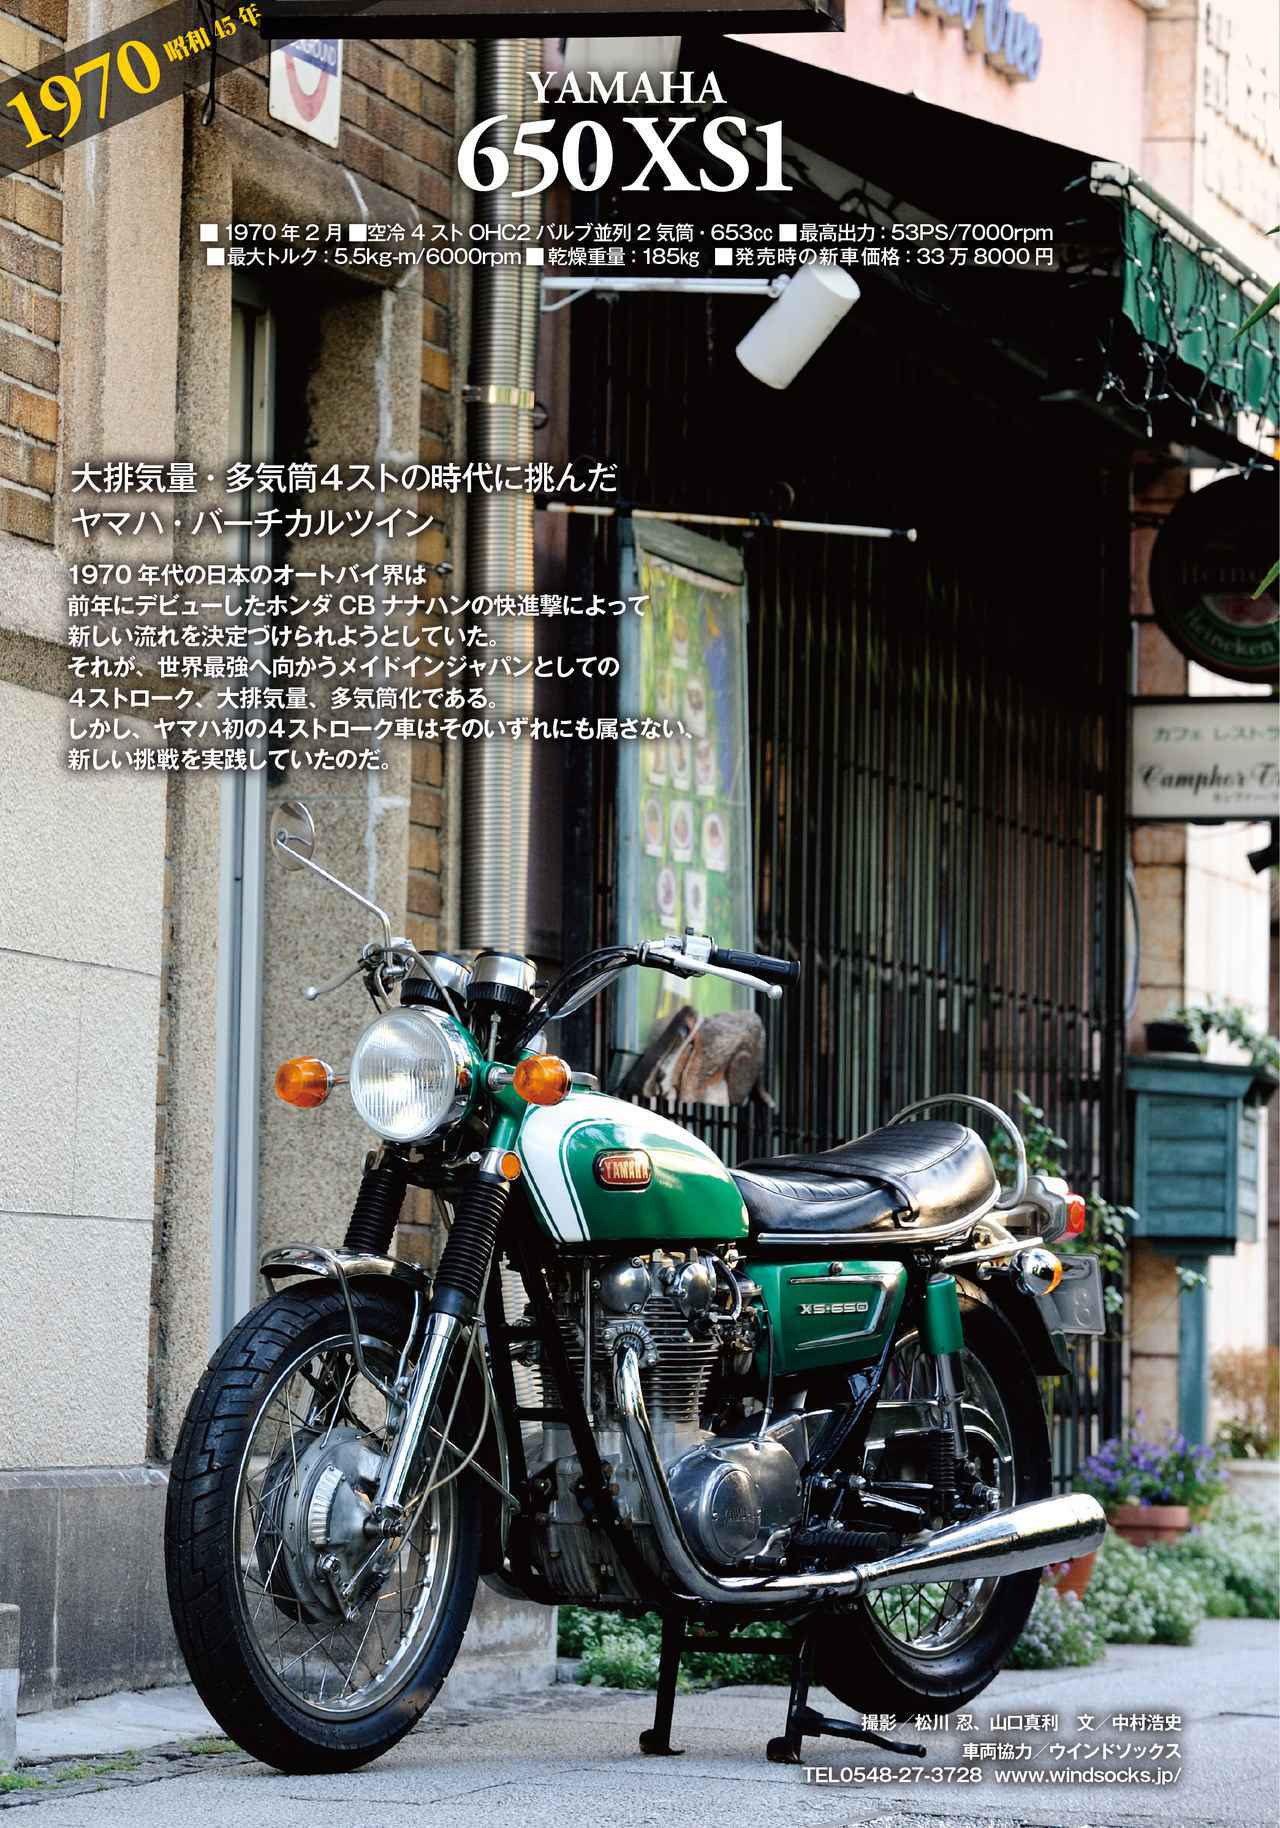 画像: ヤマハ 650XS1